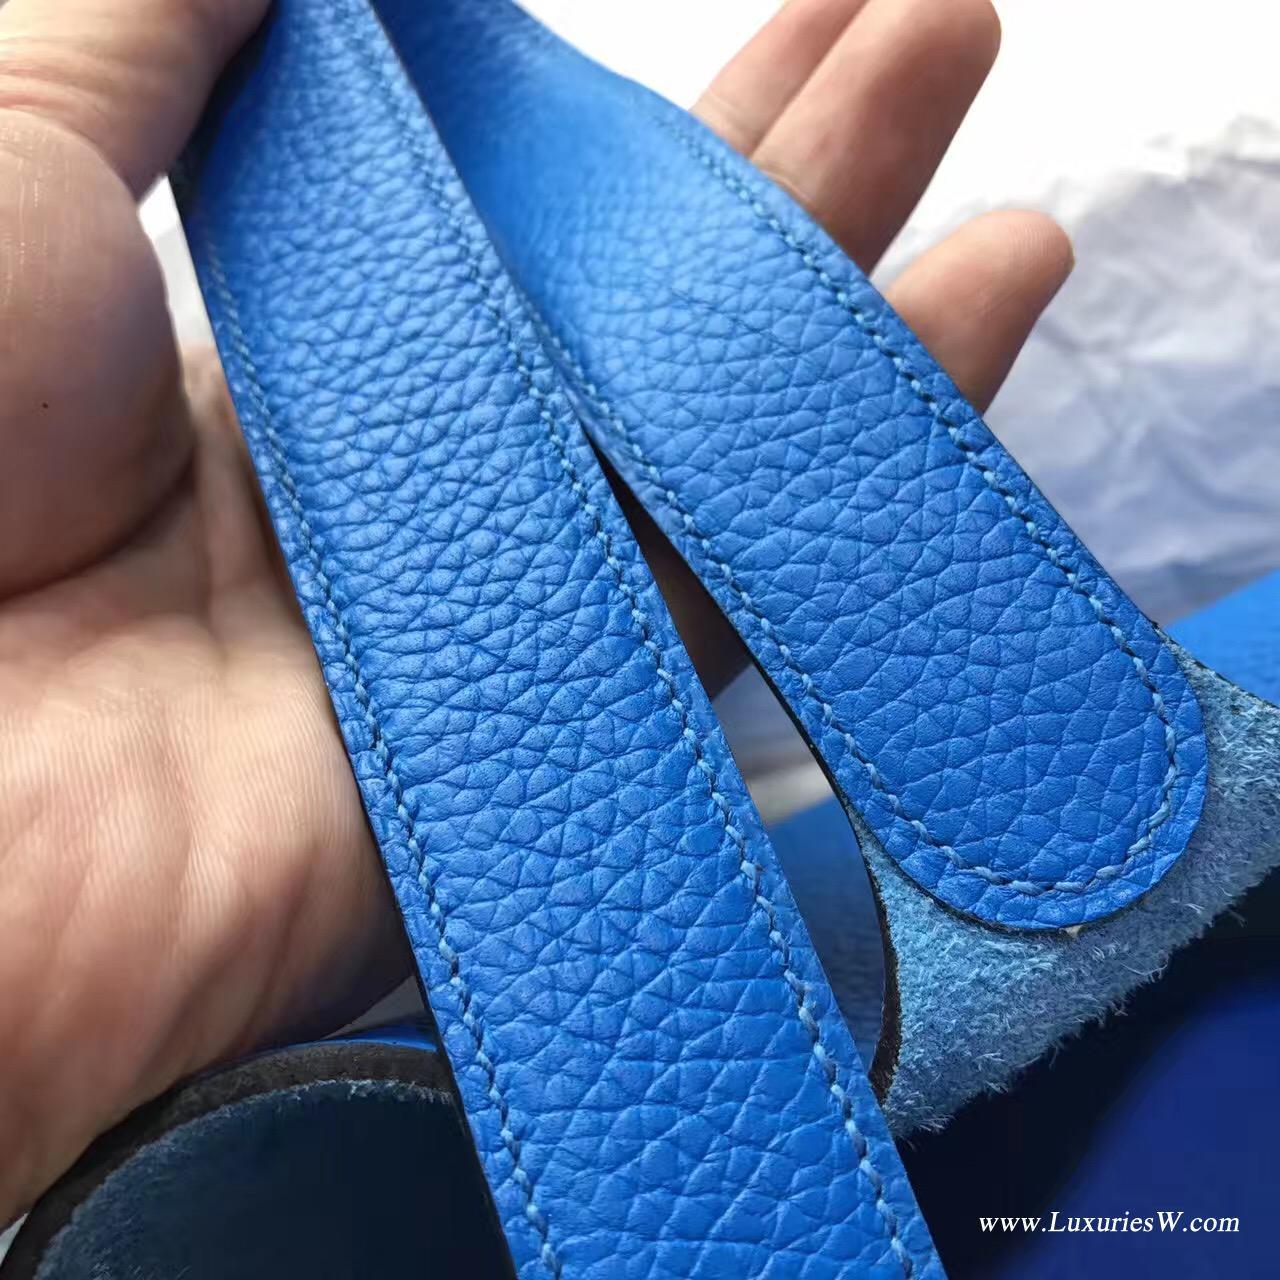 爱马仕锁头包 Taiwan Hermes Picotin Lock 22cm 菜篮子 水桶包 T7 Hydra 水妖蓝 银扣